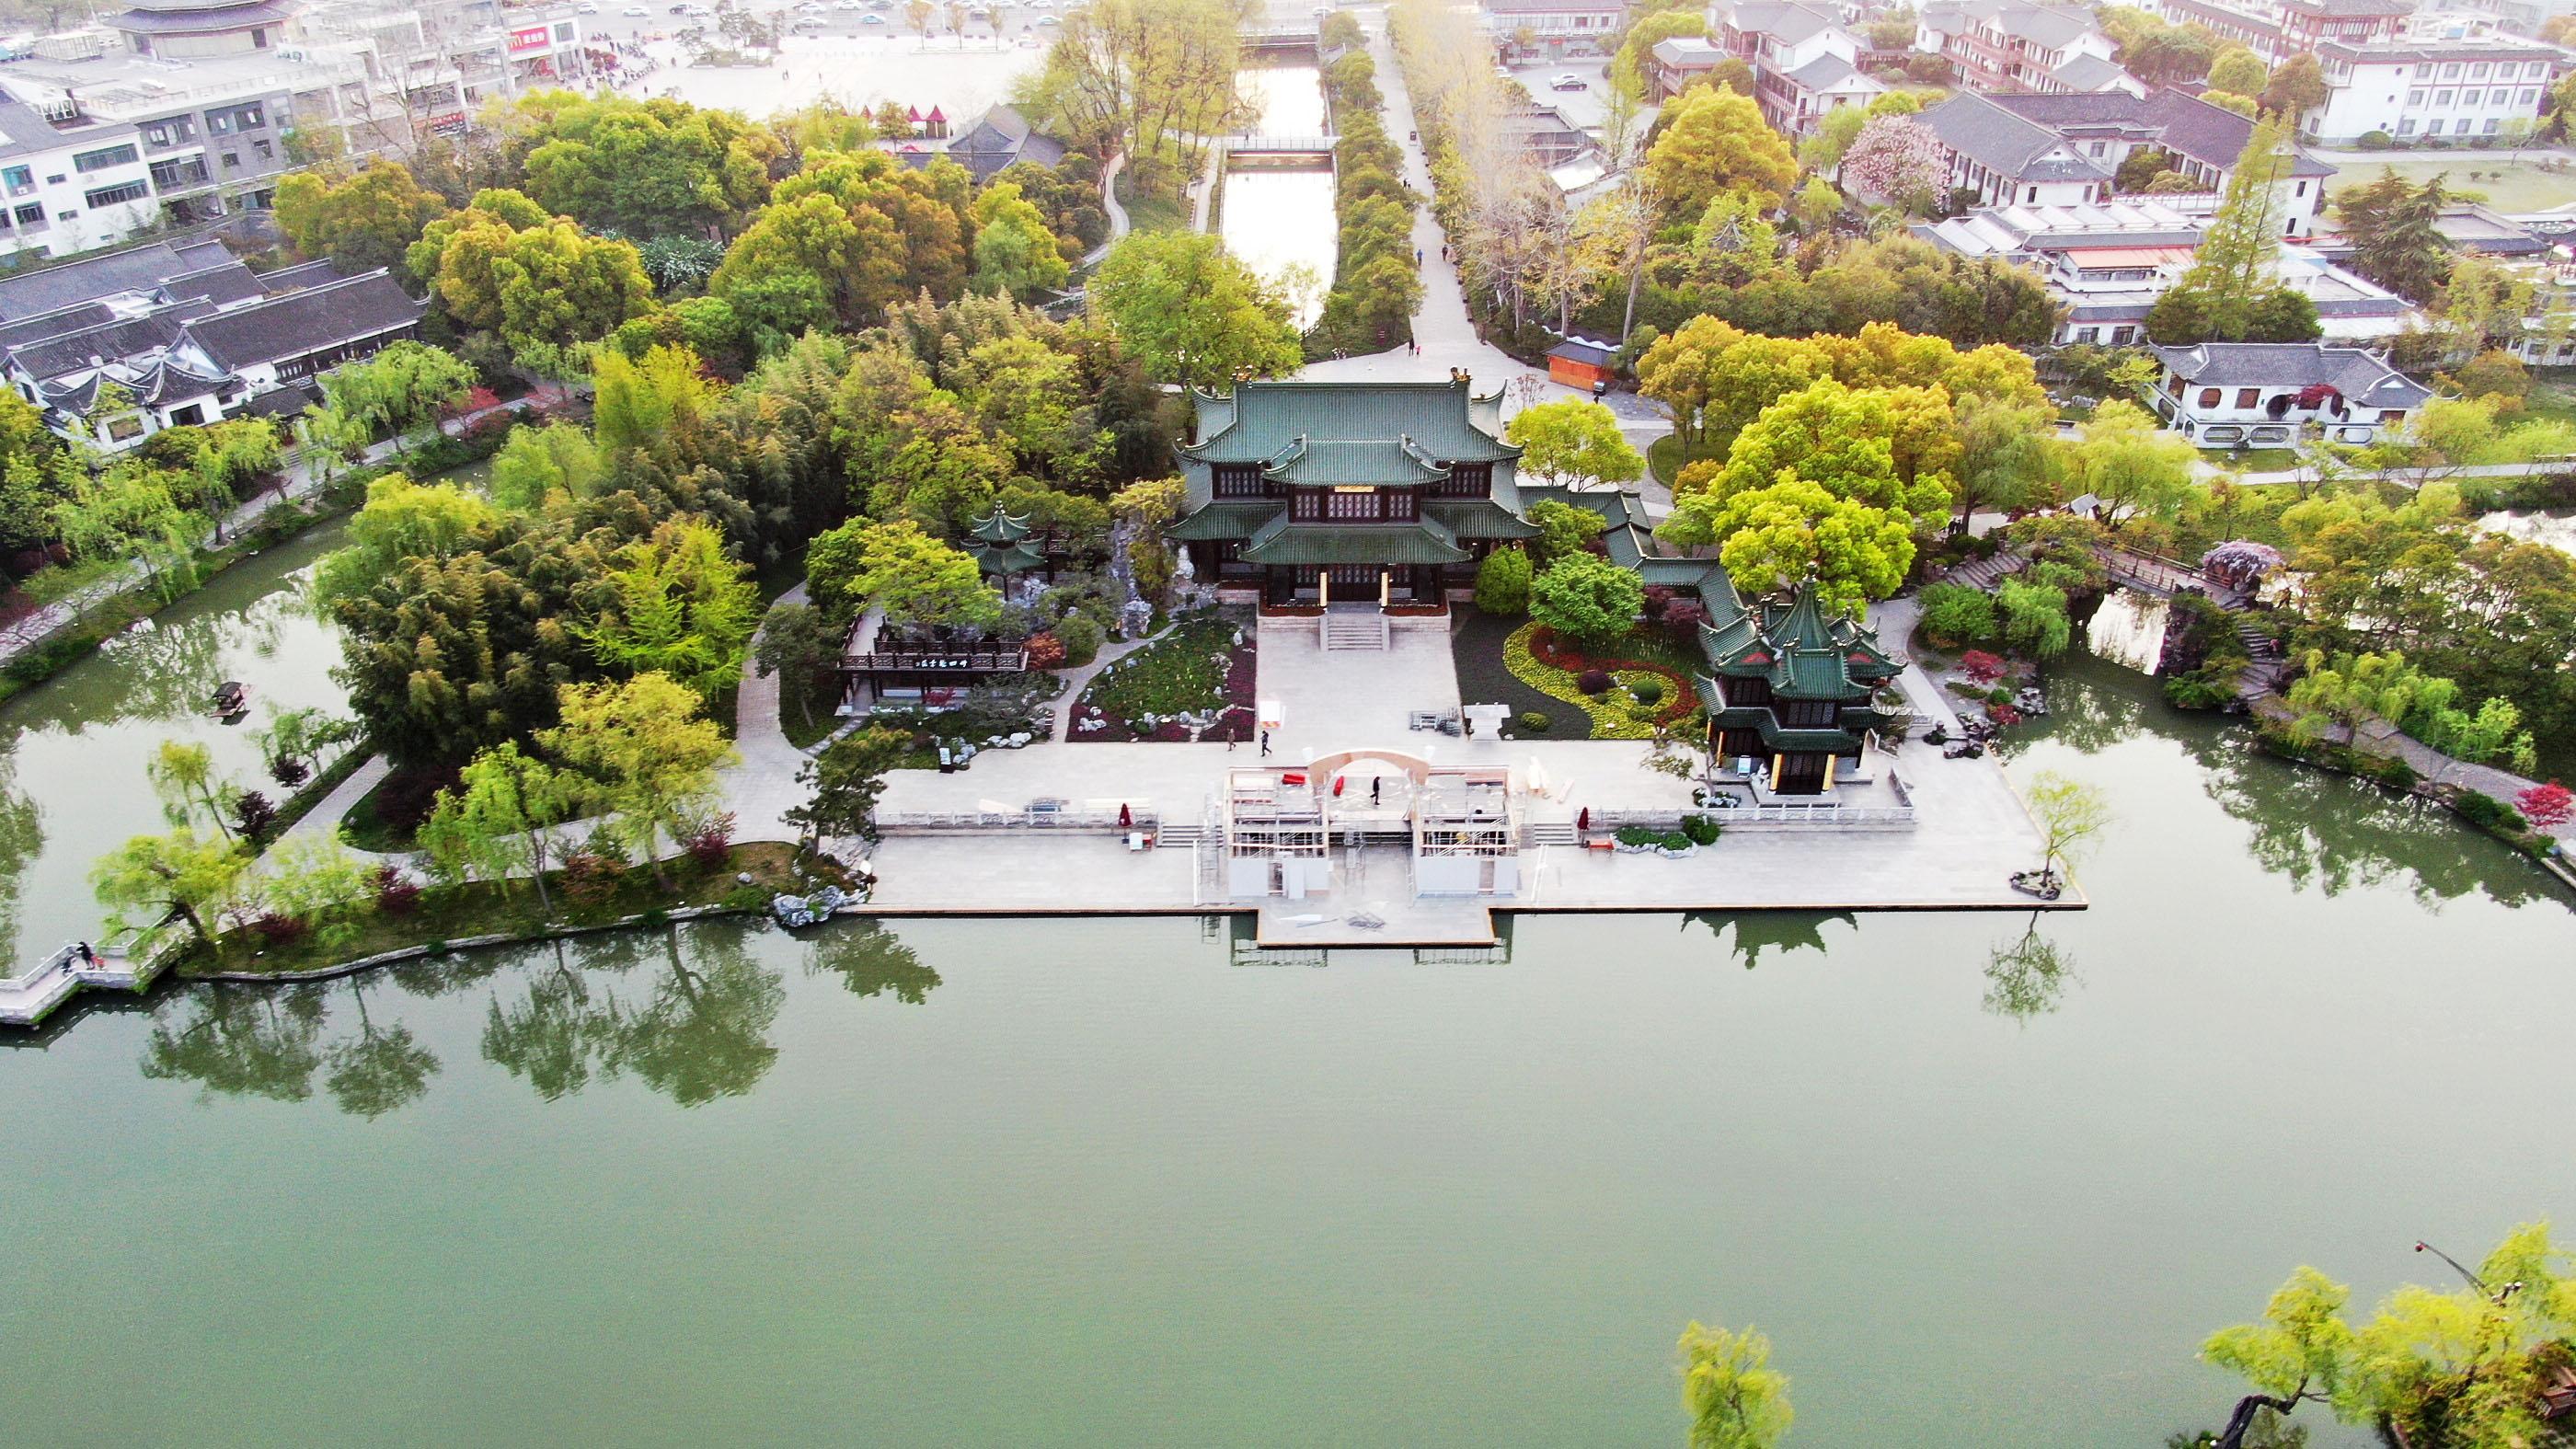 世界美食之都授牌仪式将在熙春台举行